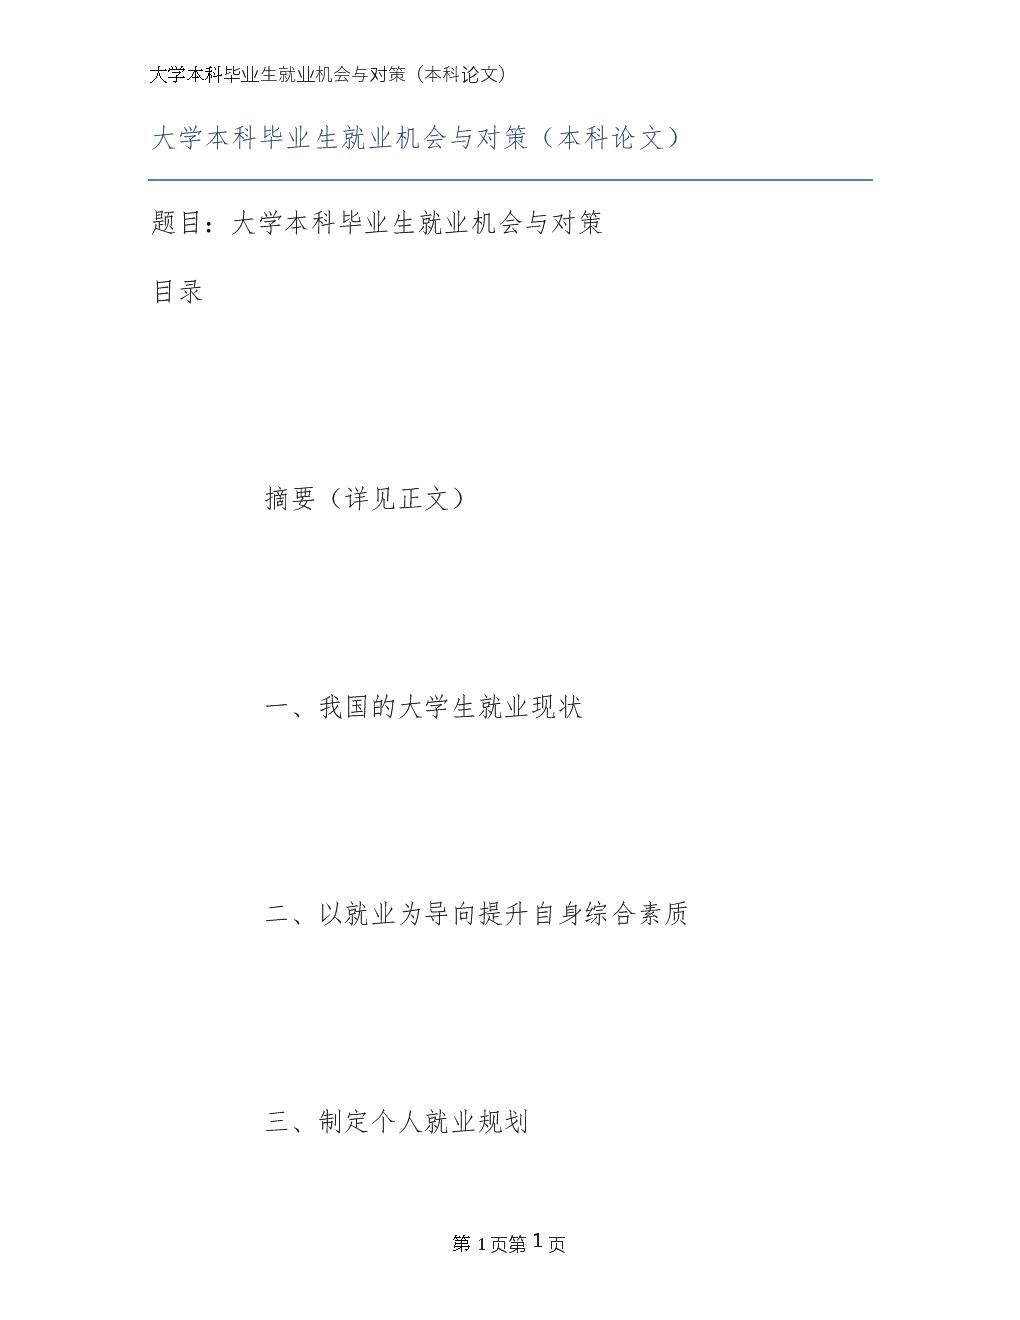 理创新论文_大学本科毕业生就业机会与对策(本科论文).docx